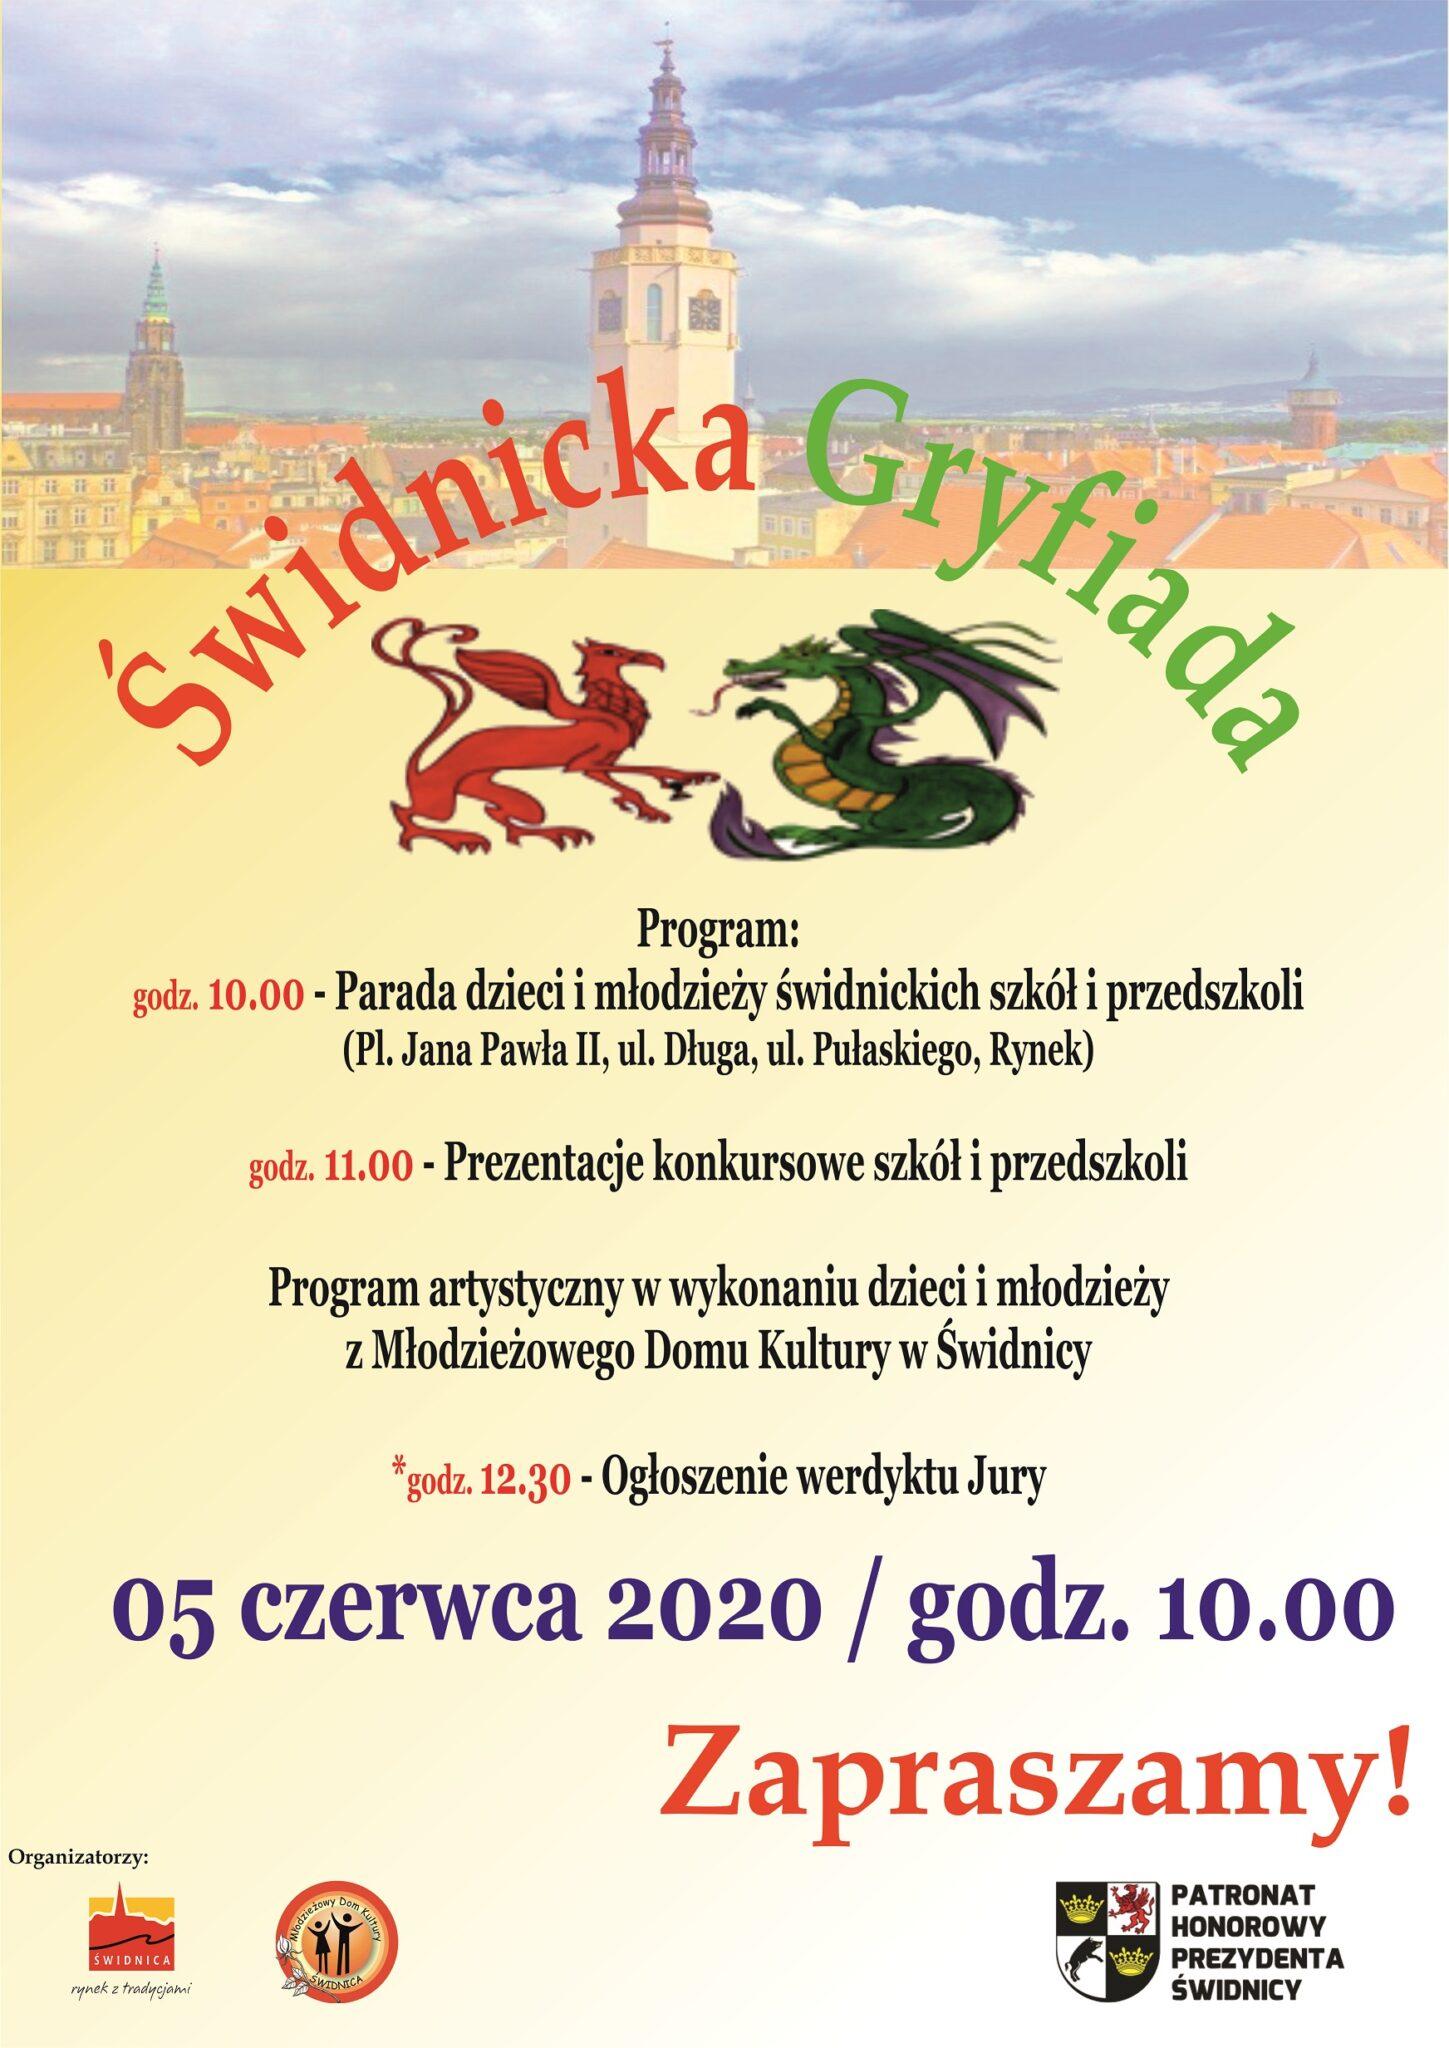 Świdnicka Gryfiada